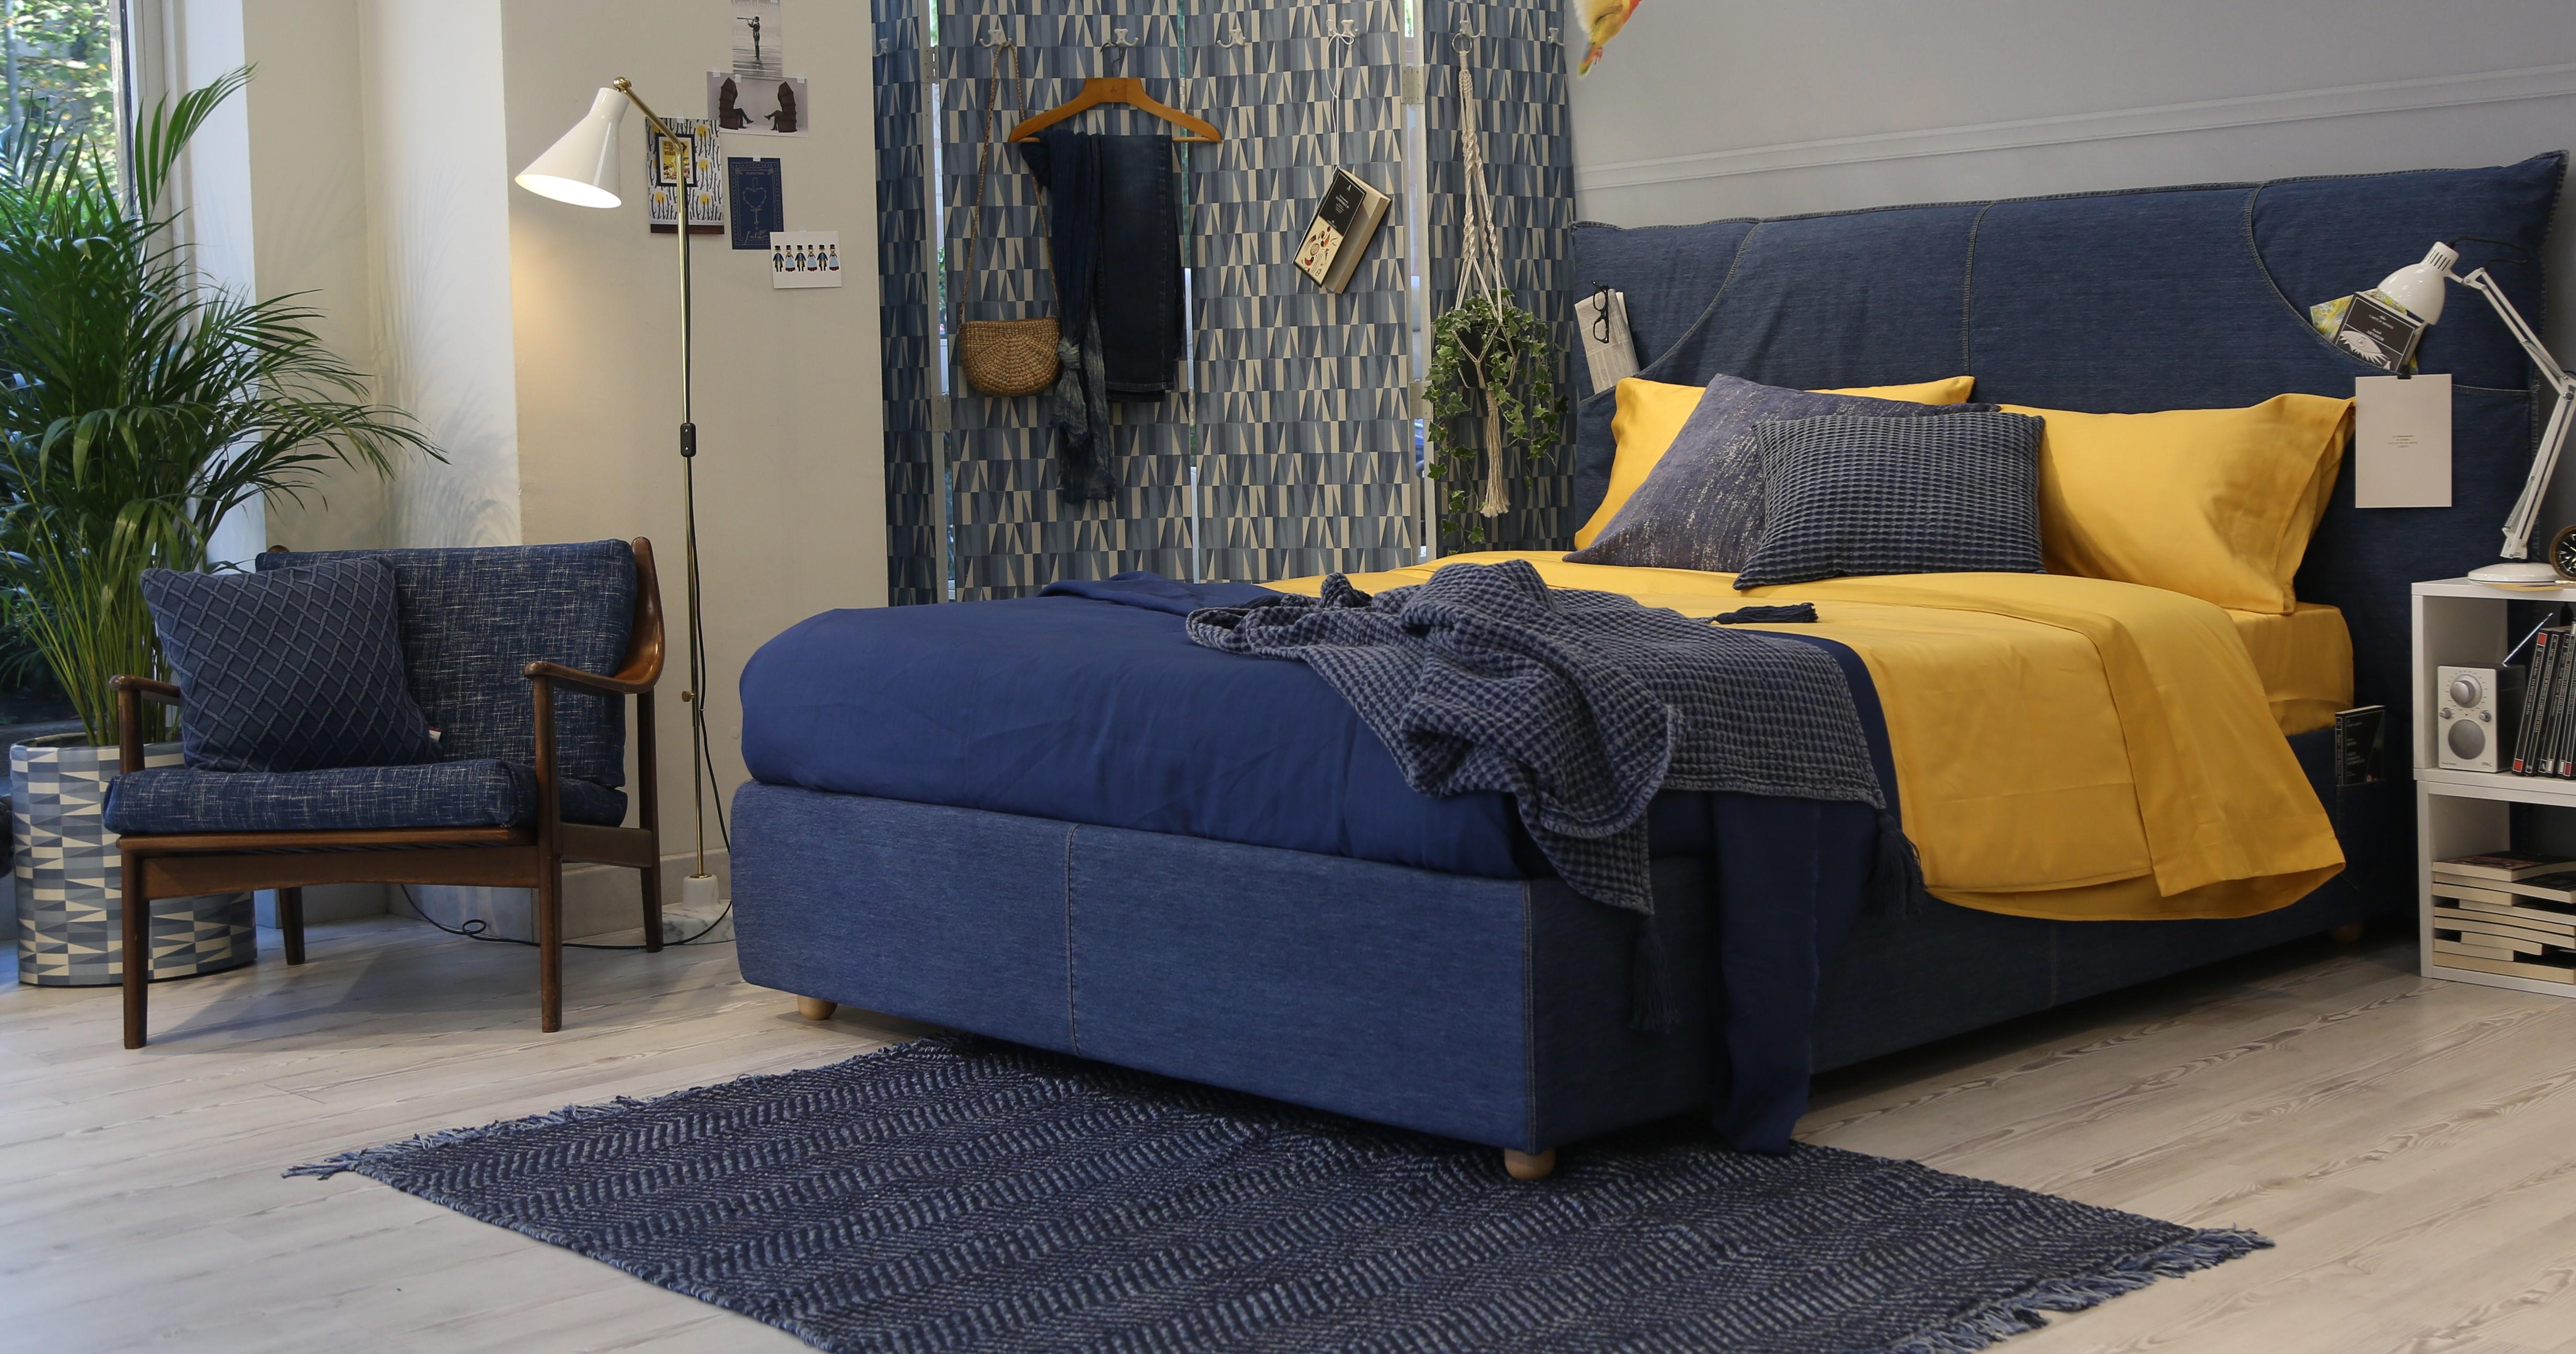 Stile urban in camera da letto - La stanza PerDormire